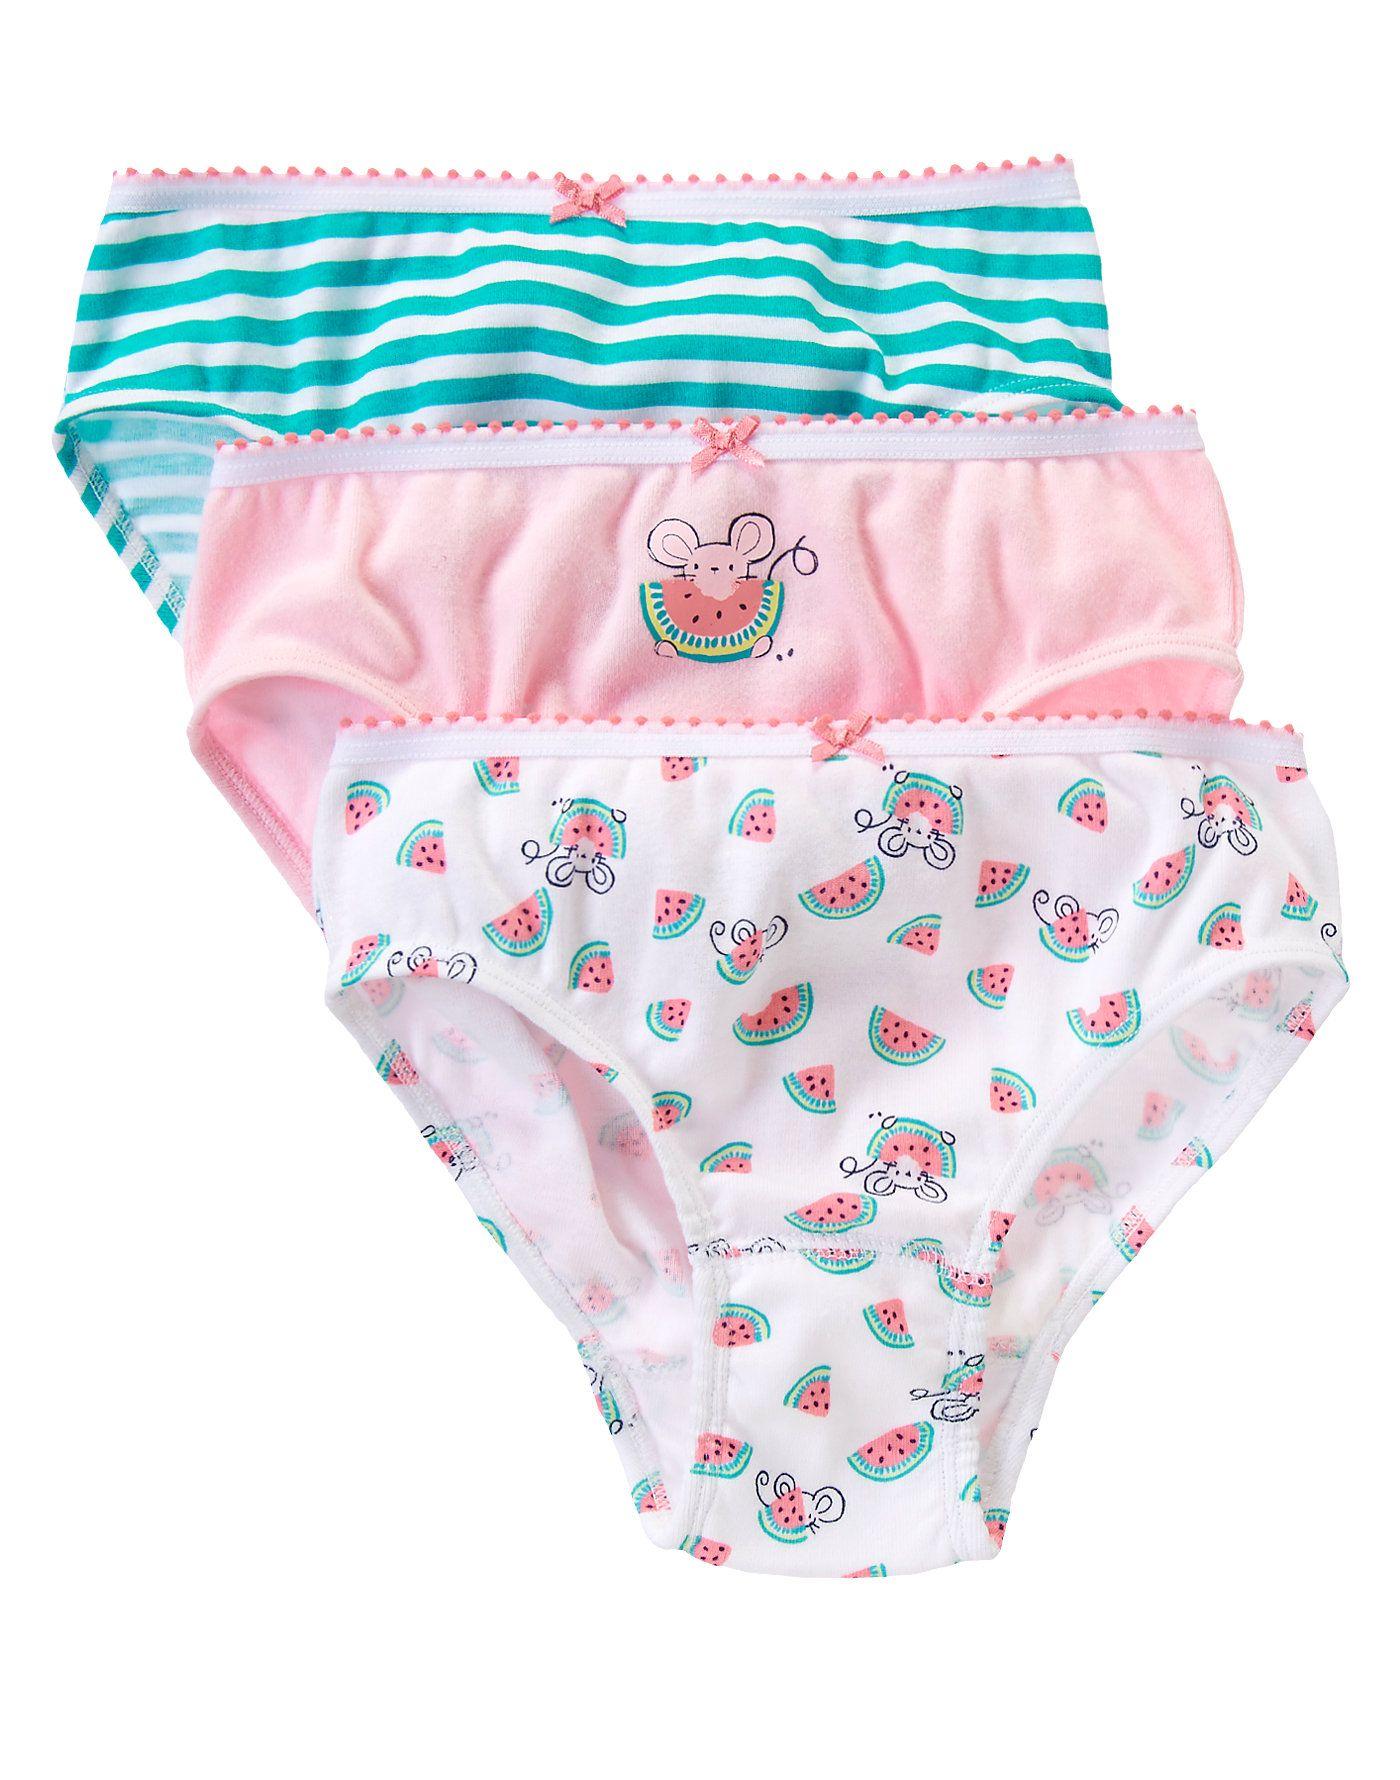 881cfd00eff4 Watermelon Underwear Three-Pack at Gymboree